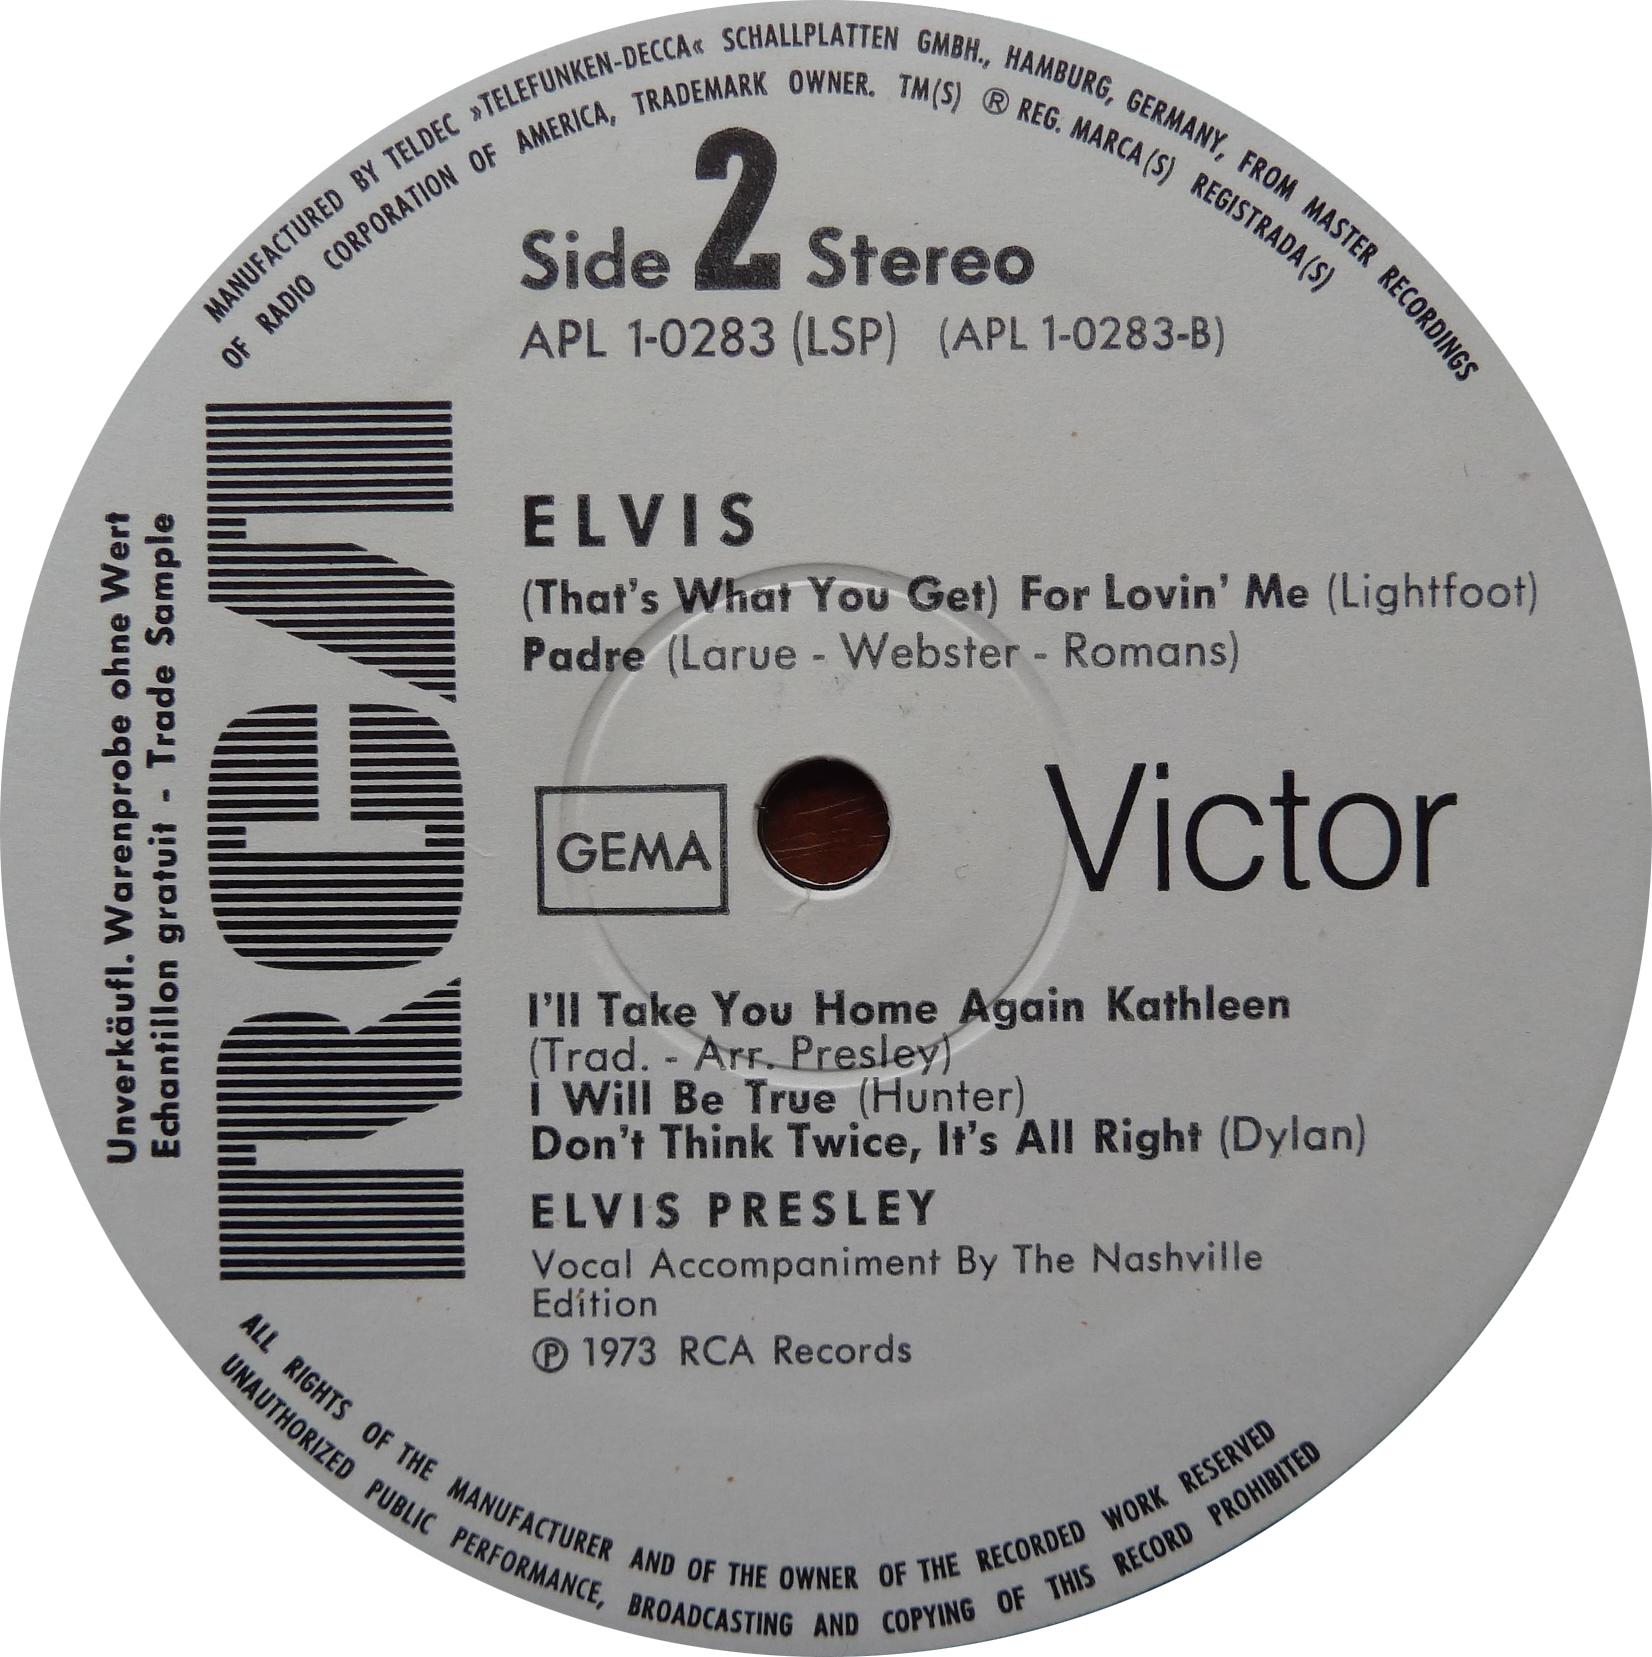 ELVIS (FOOL) Elvisfool73promoside2k7oqm